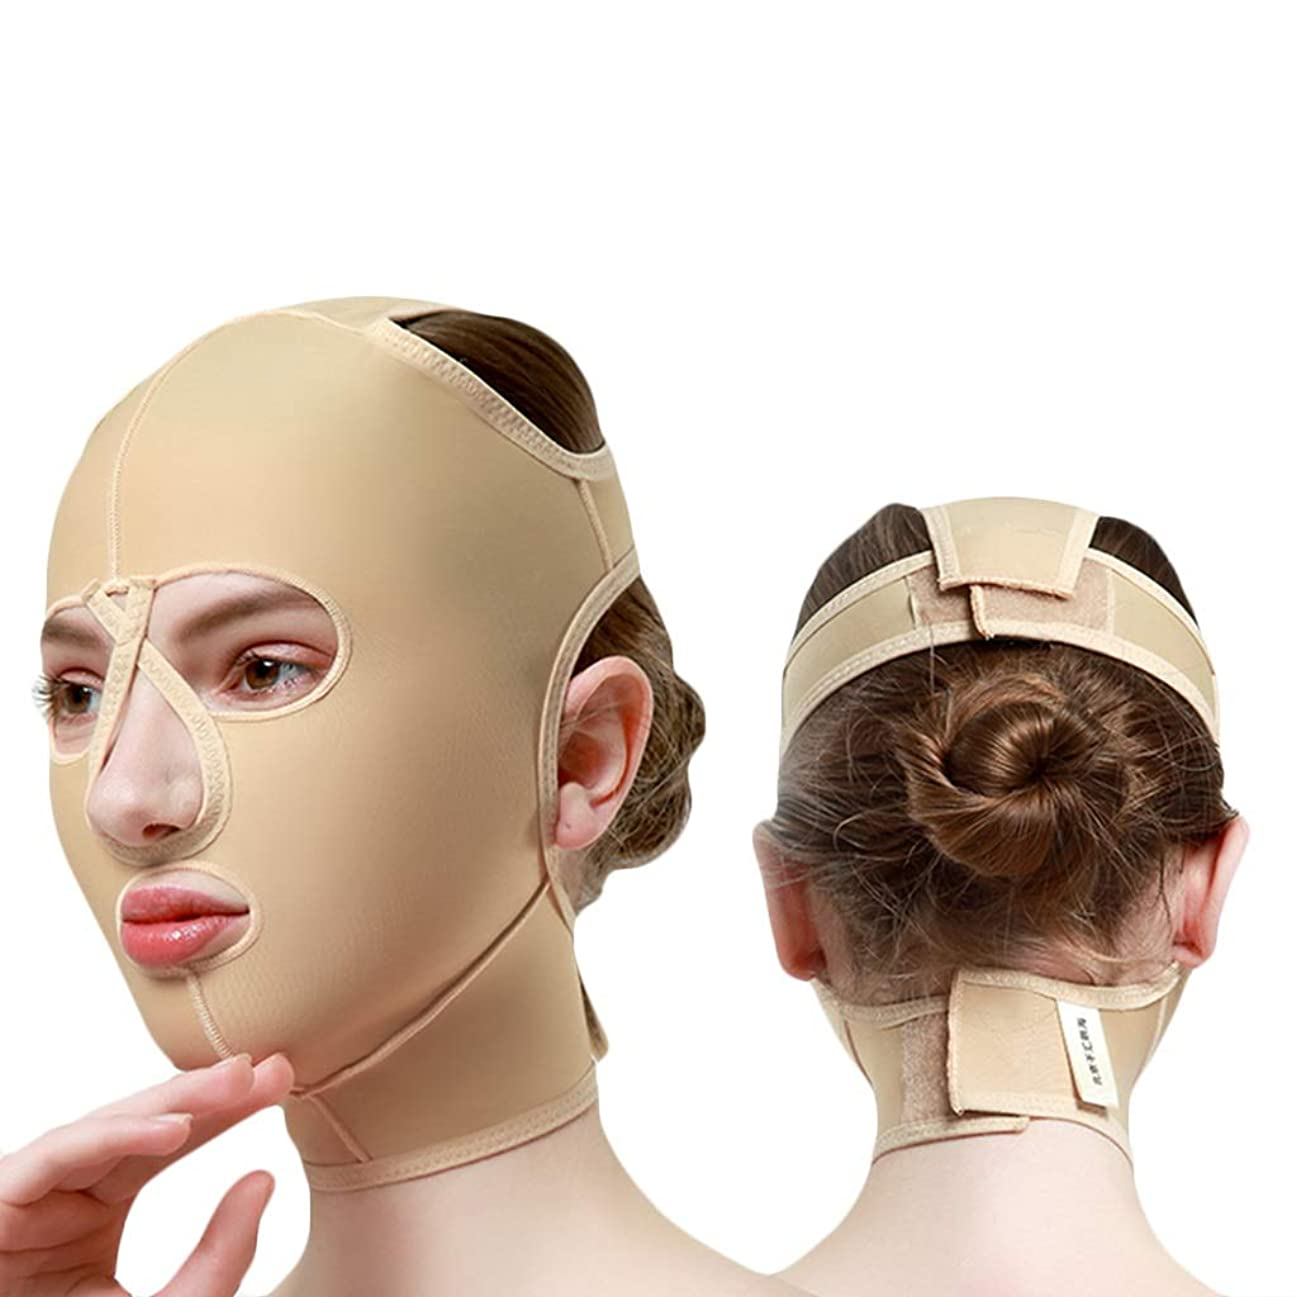 伴う持続的ロードハウスあごのストラップ、顔の彫刻ツール、リフティングマスク、ダブルチンリデューサー、フェイスリフティングエラスティックマスク女性 (Size : M)